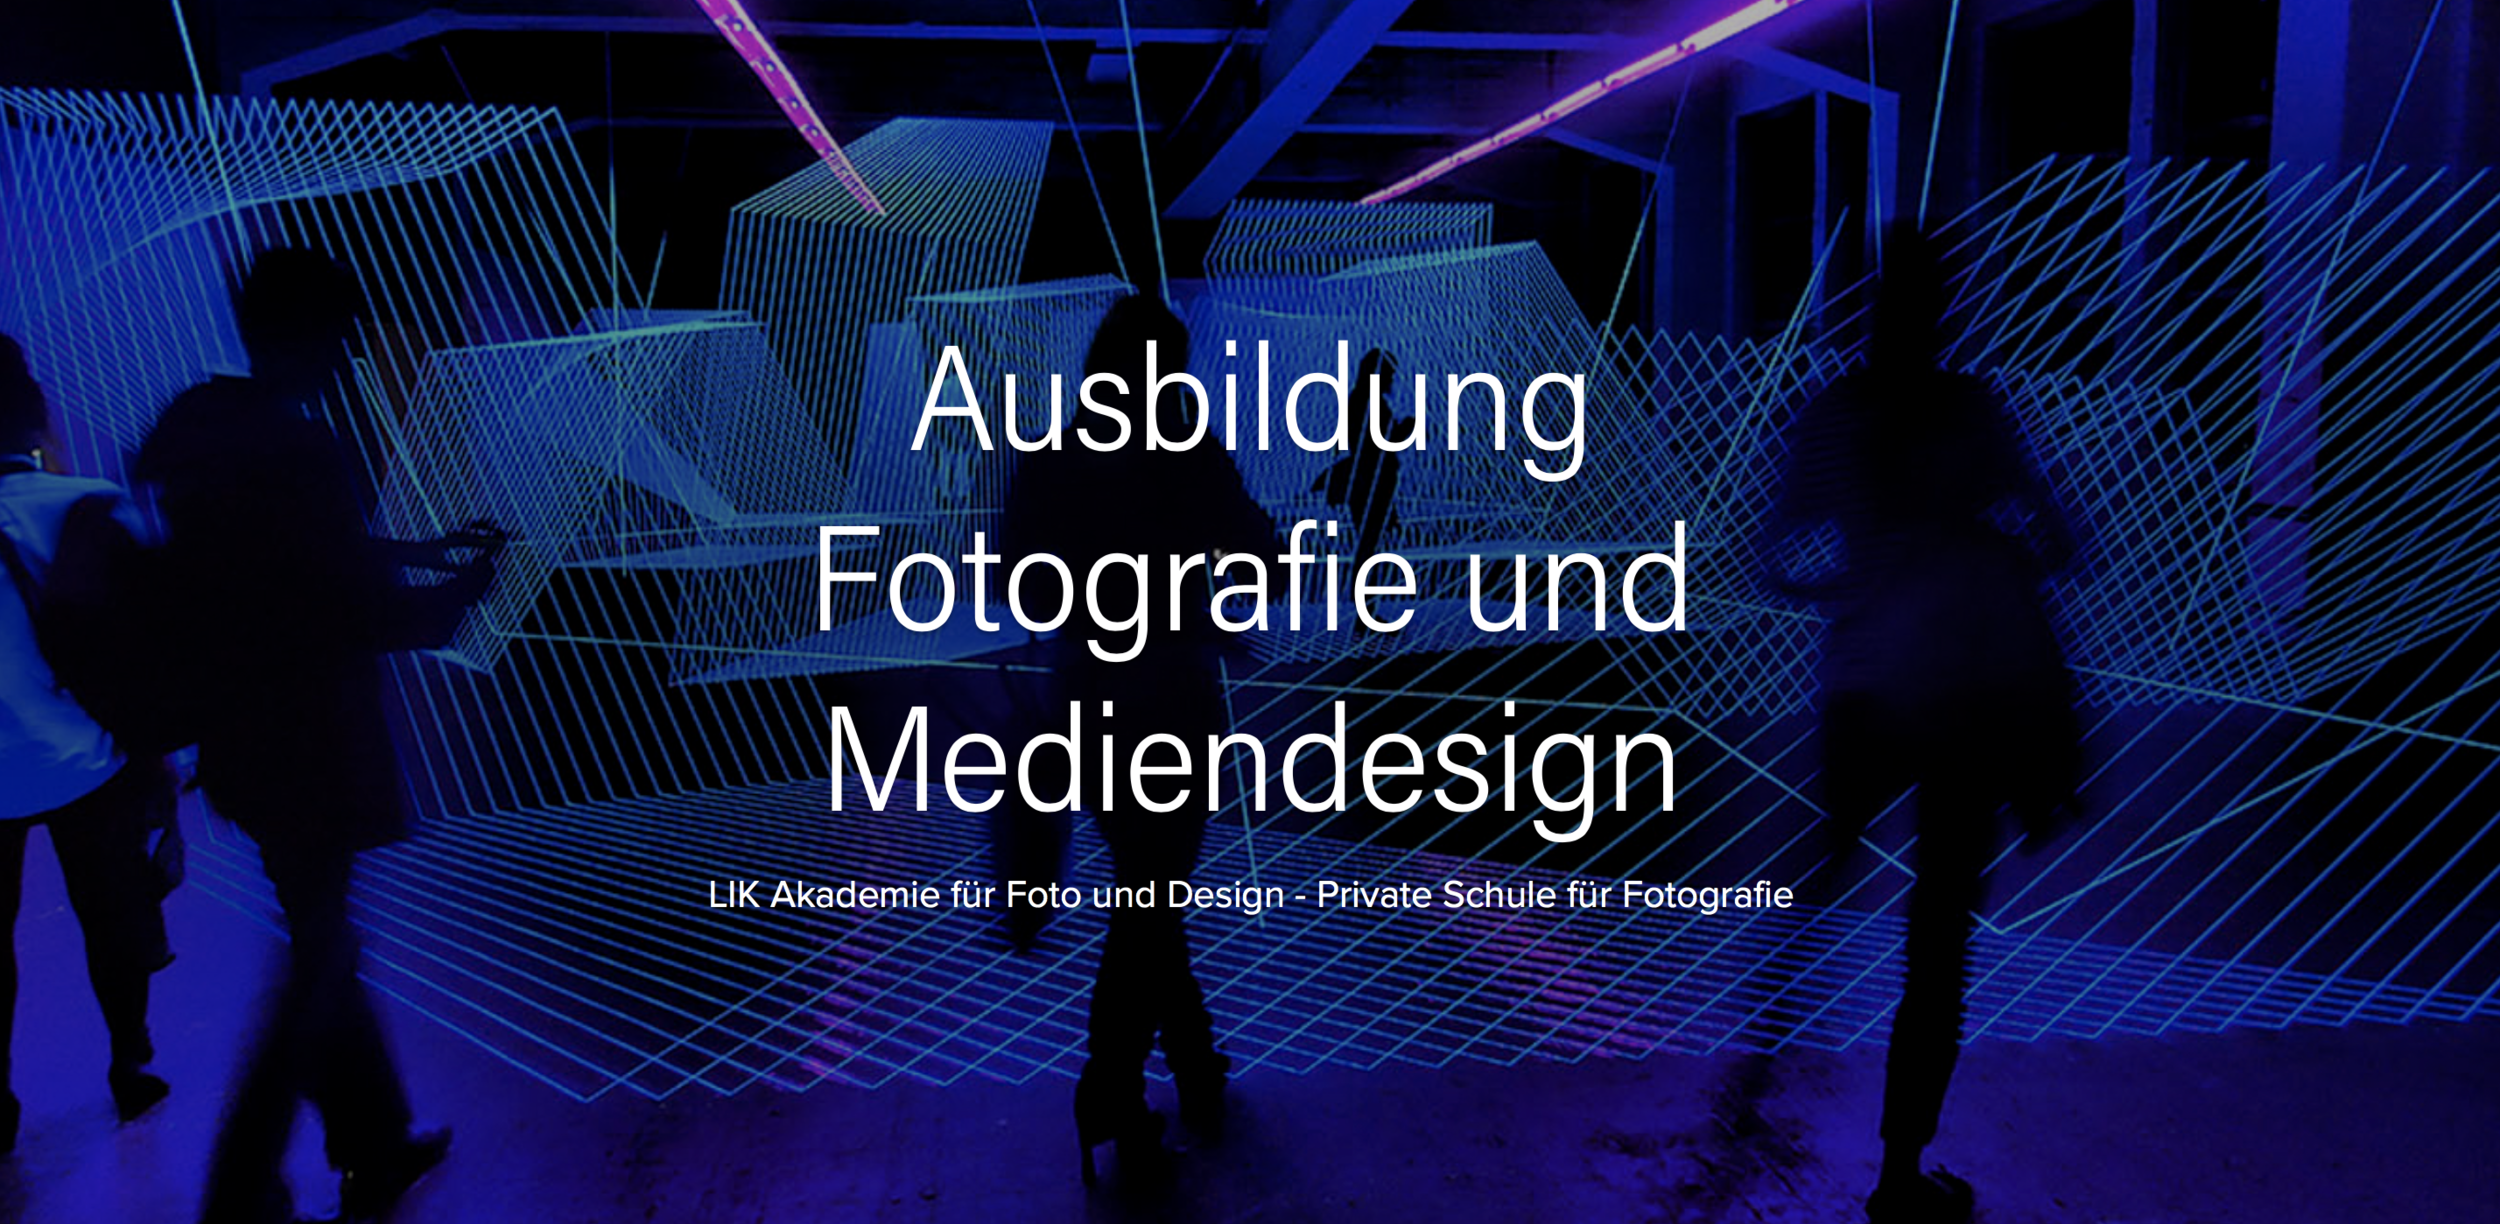 Ausbildung - LIK Akademie für Foto und Design